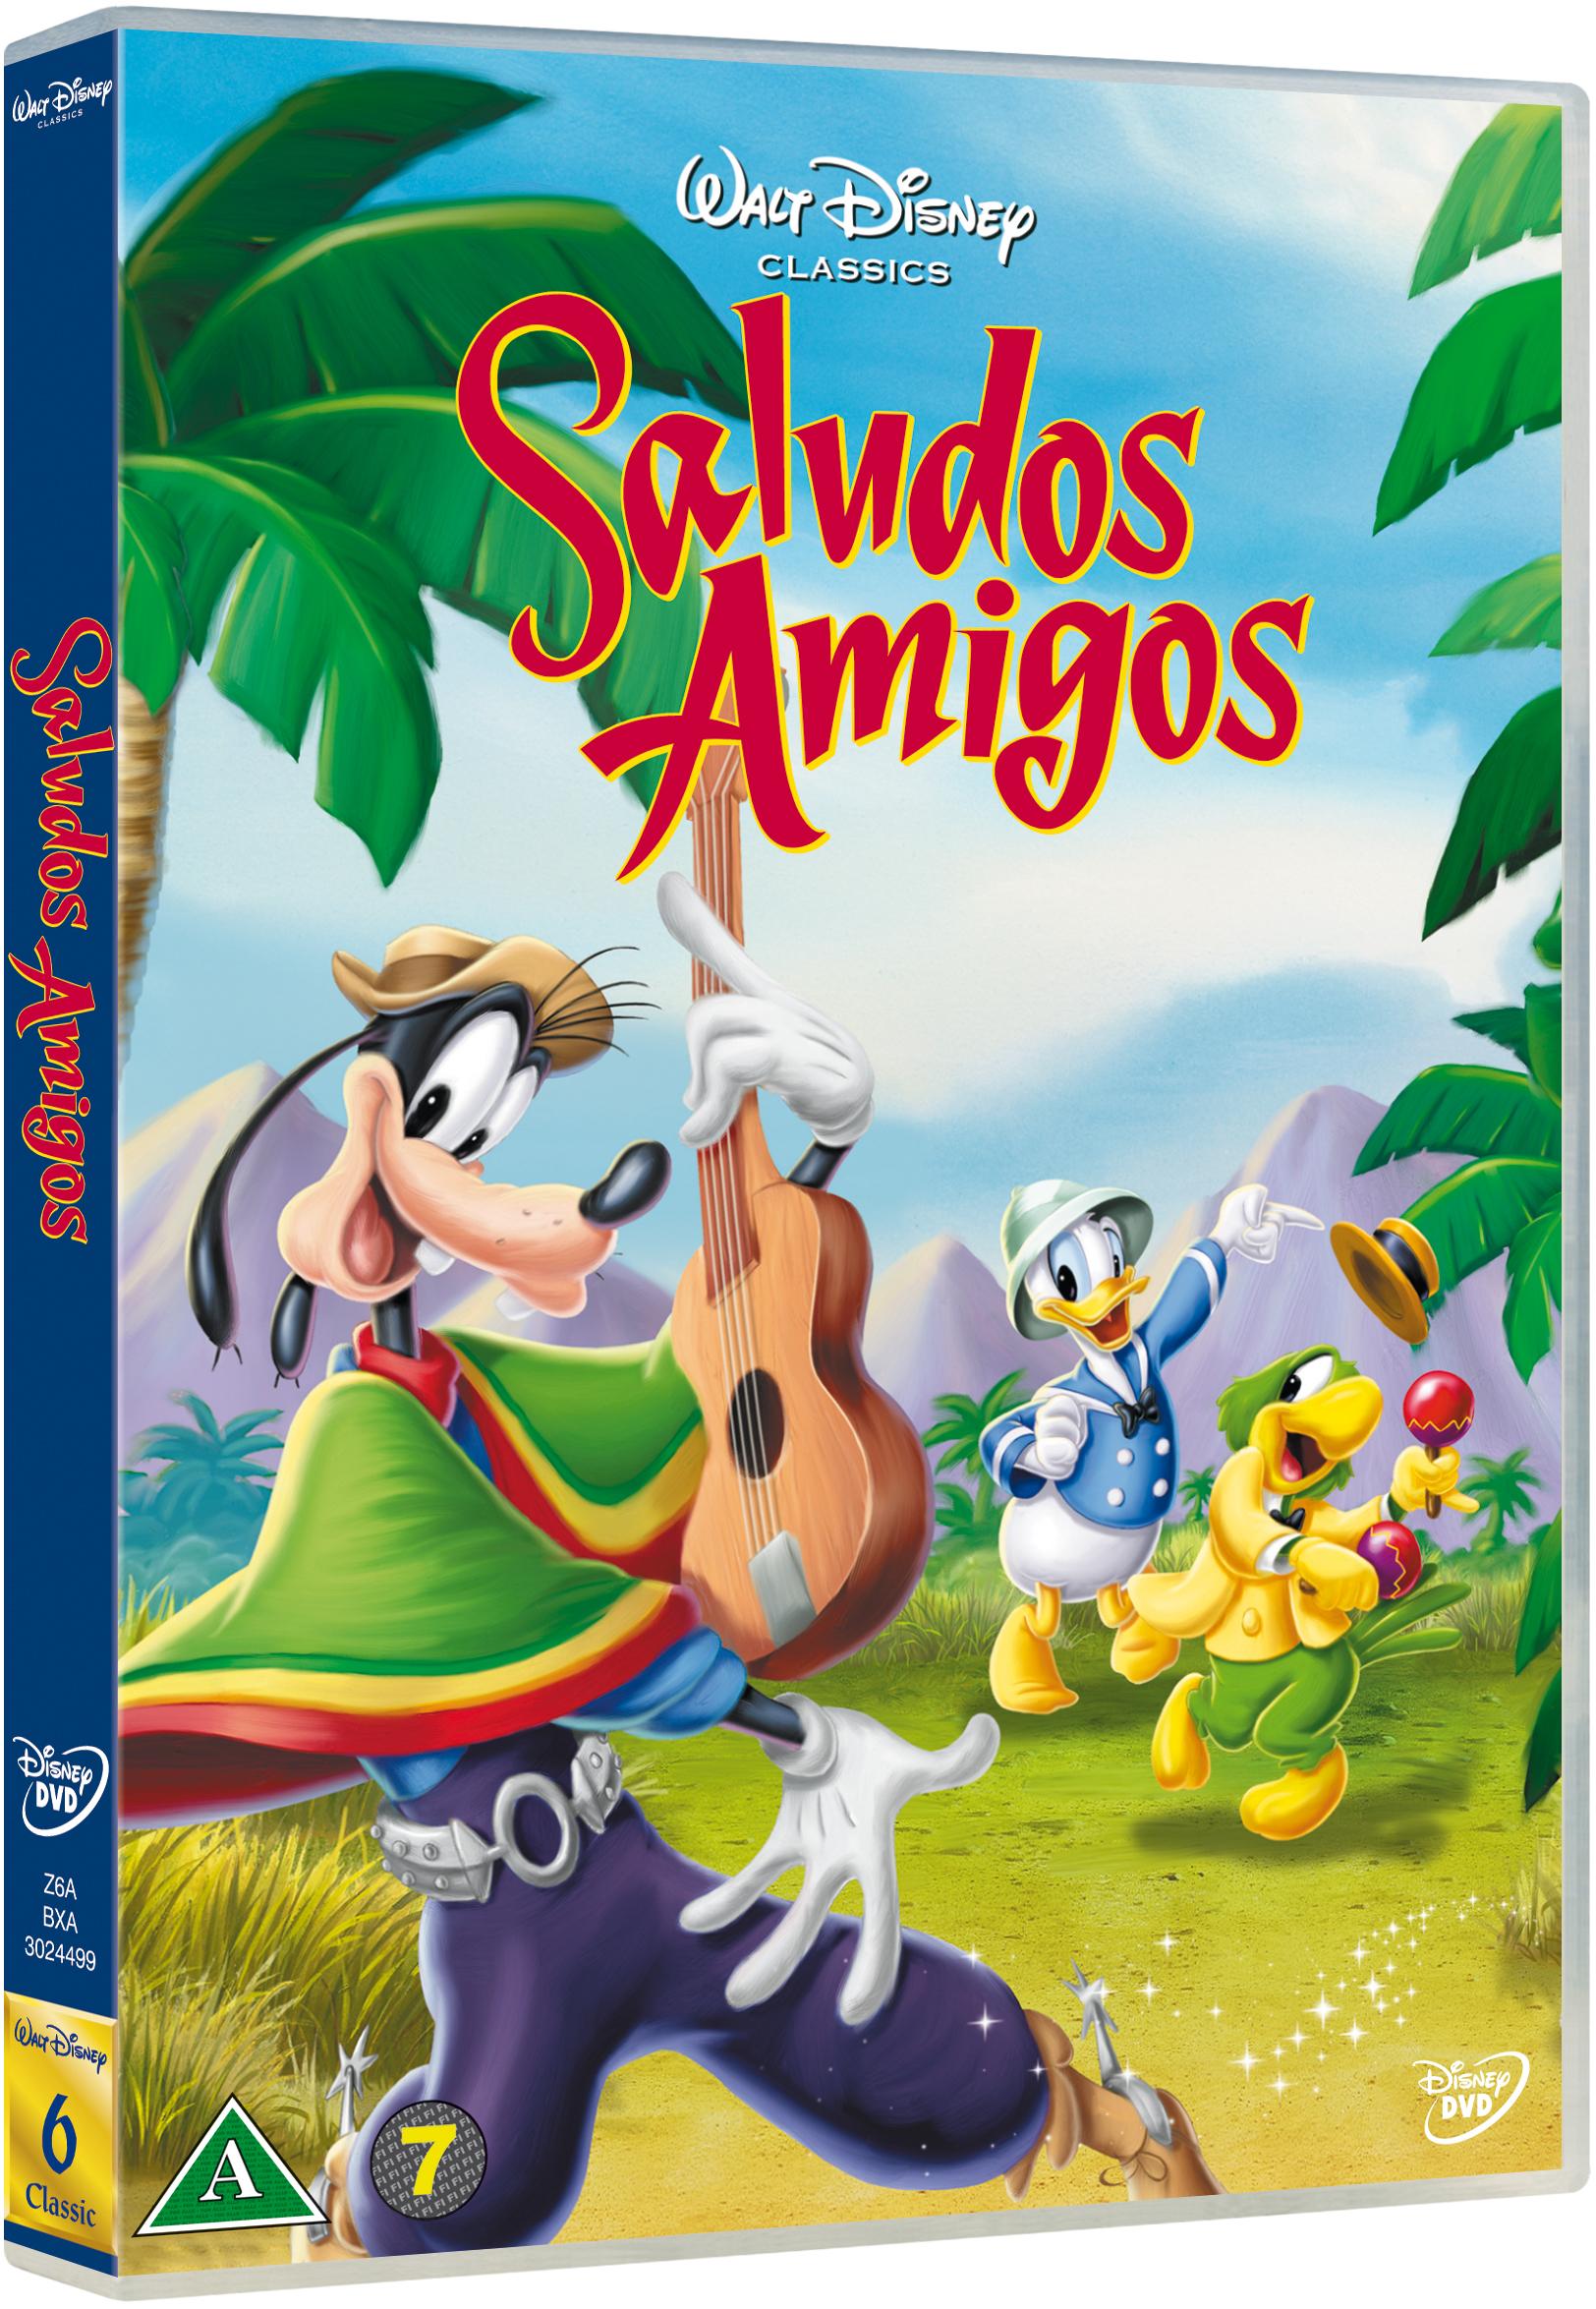 Saludos Amigos - Disney classic #6